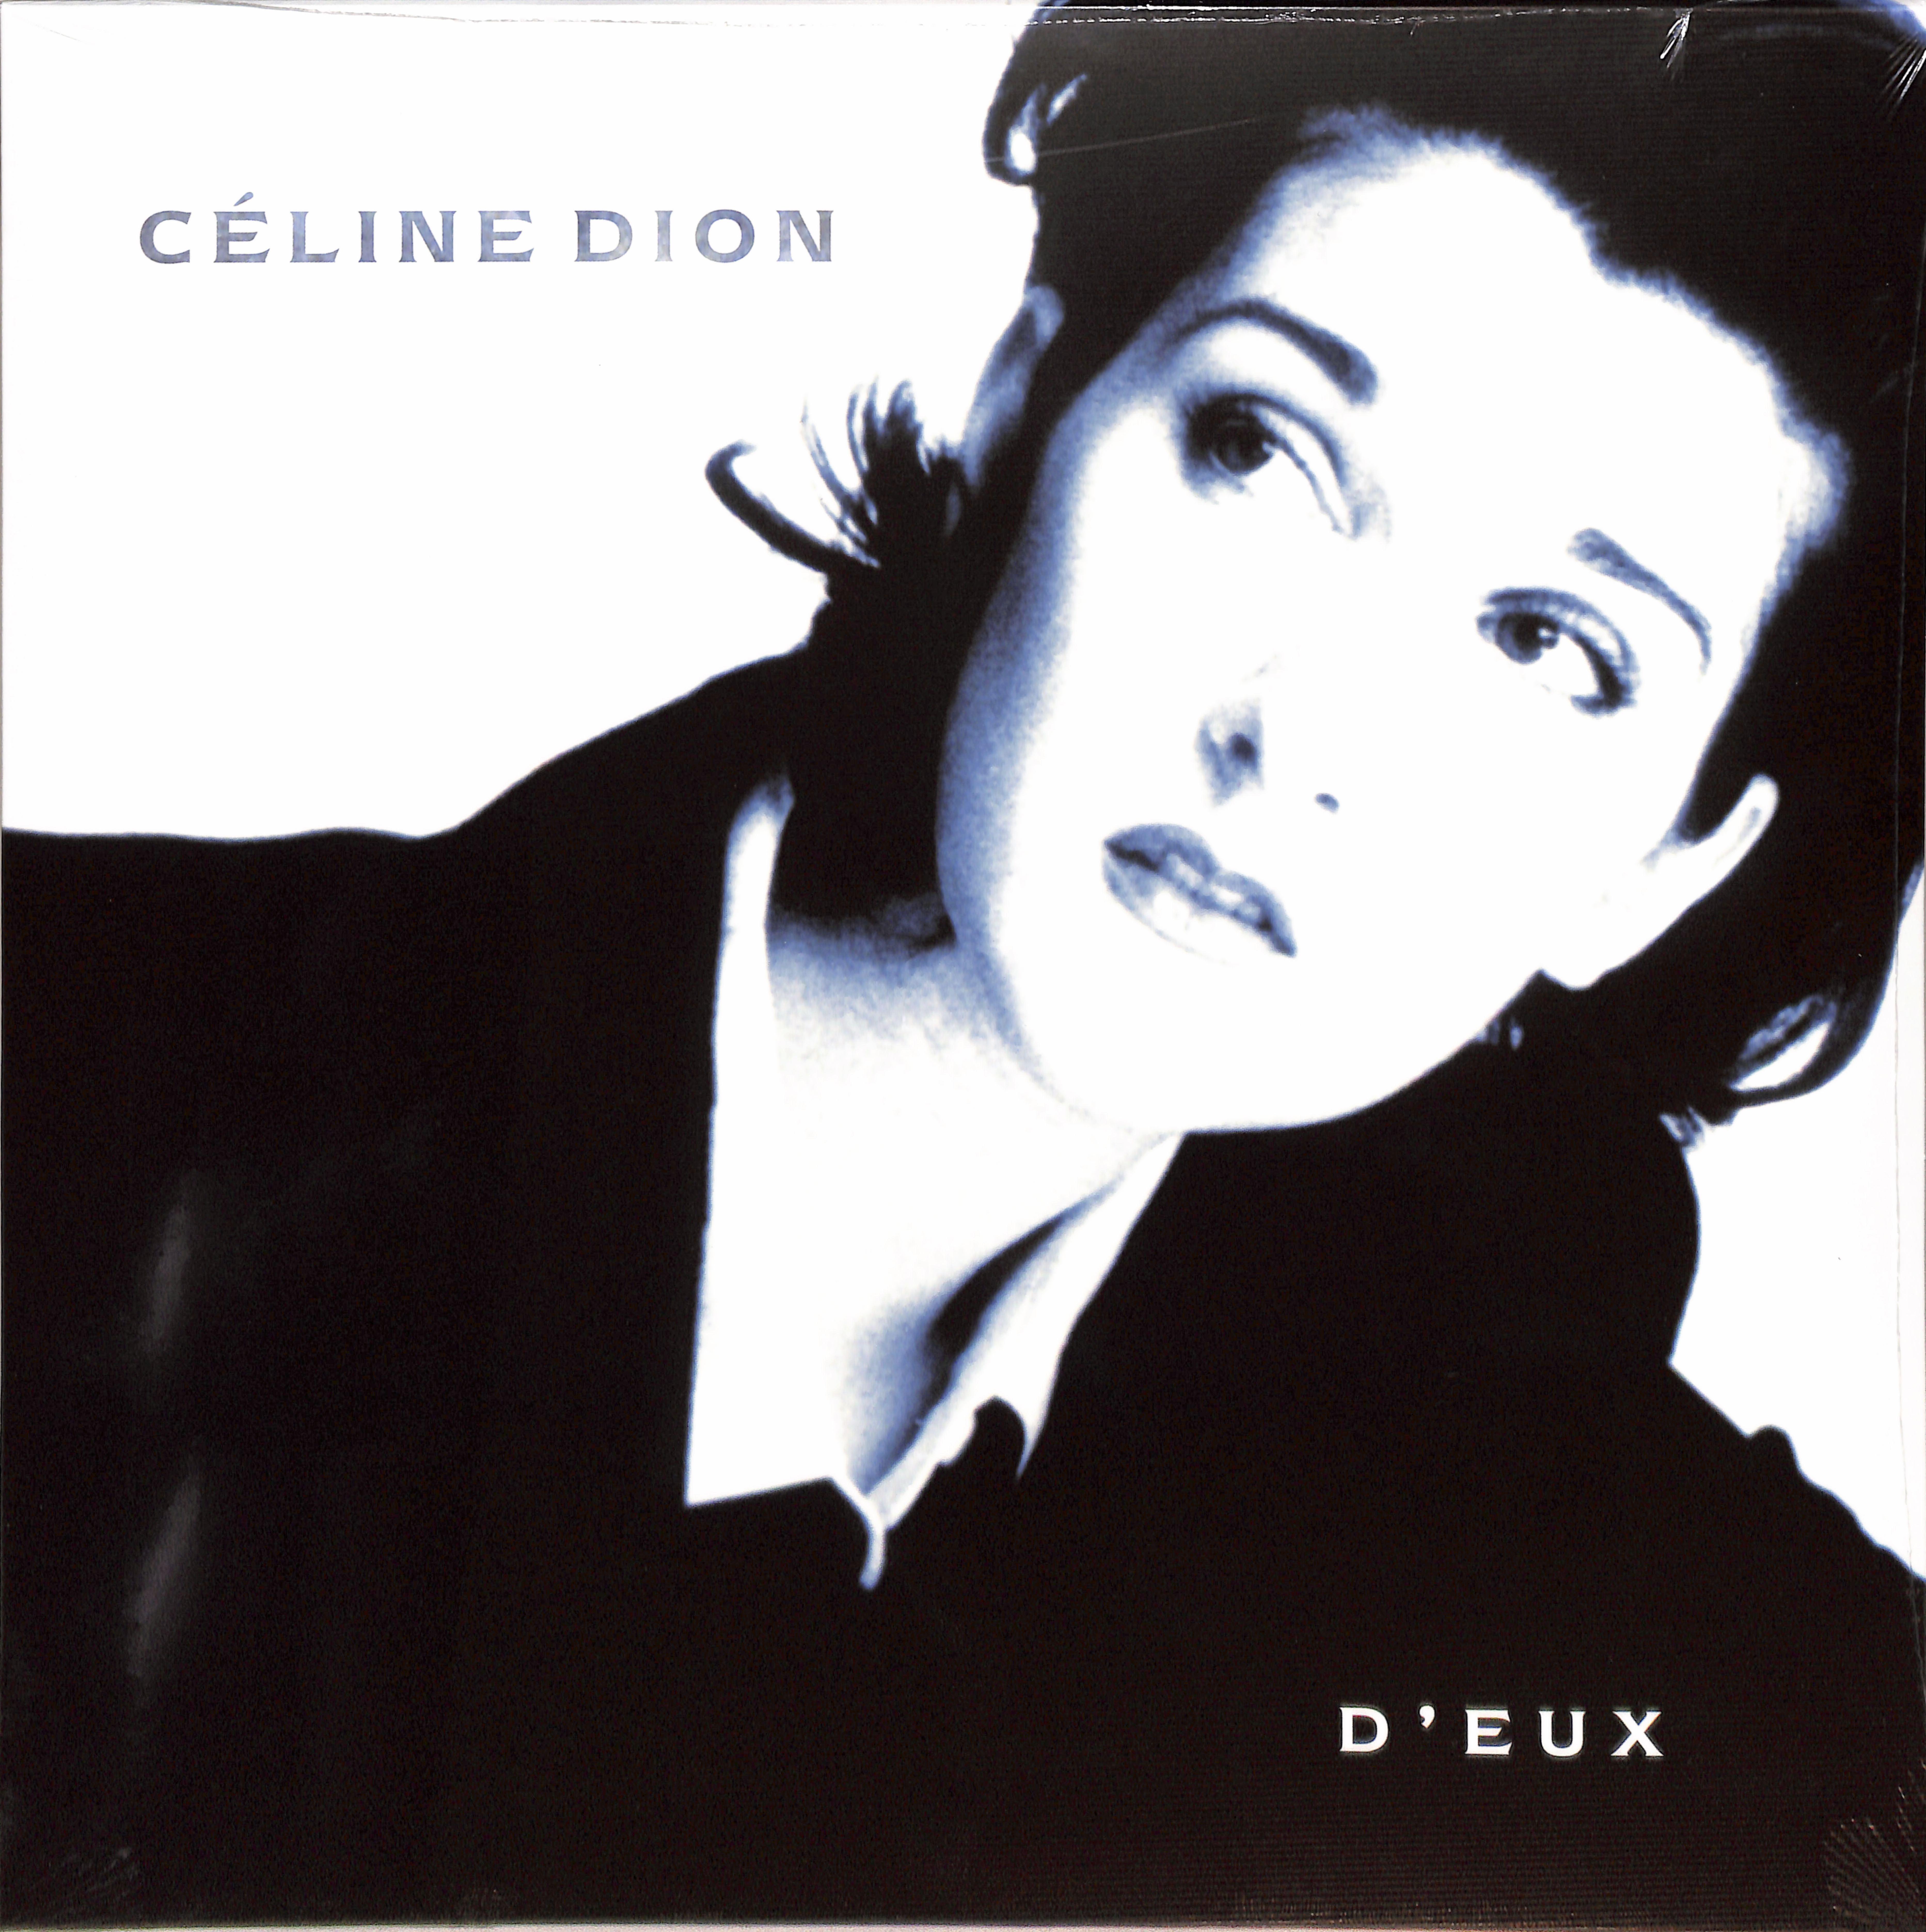 Celine Dion - DEUX